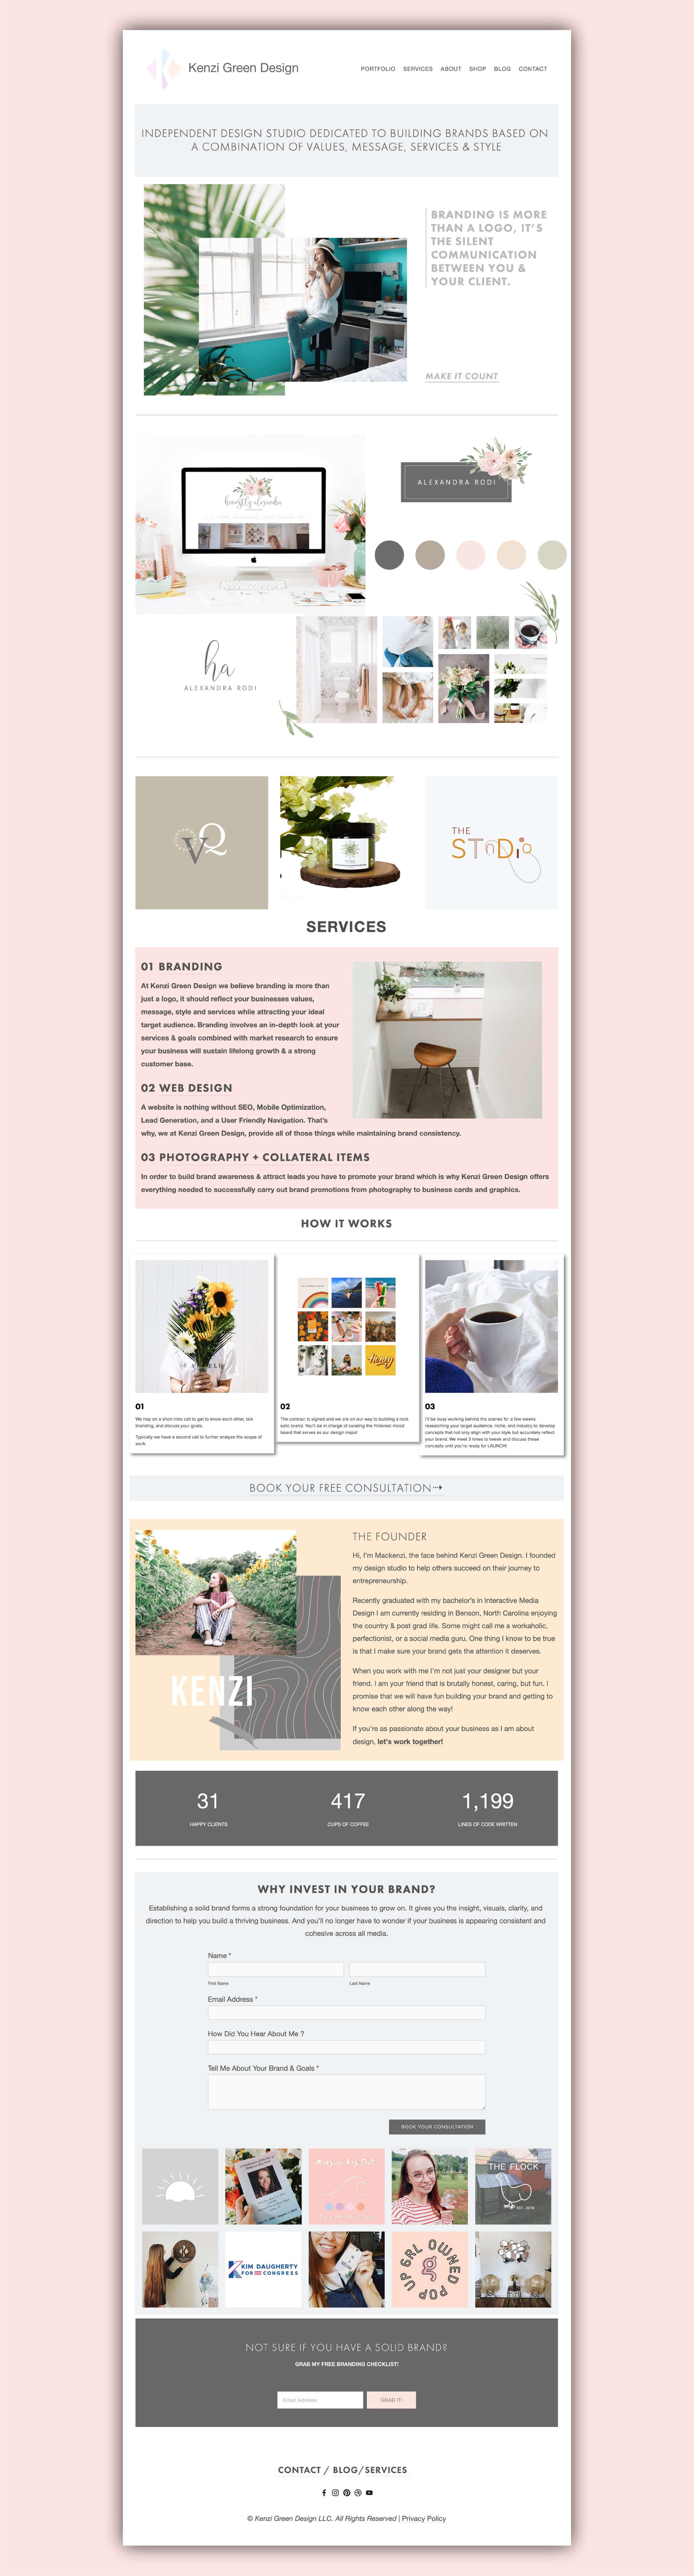 Kenzi Green Design studio website #websitedesign #designstudio #designerwebsite